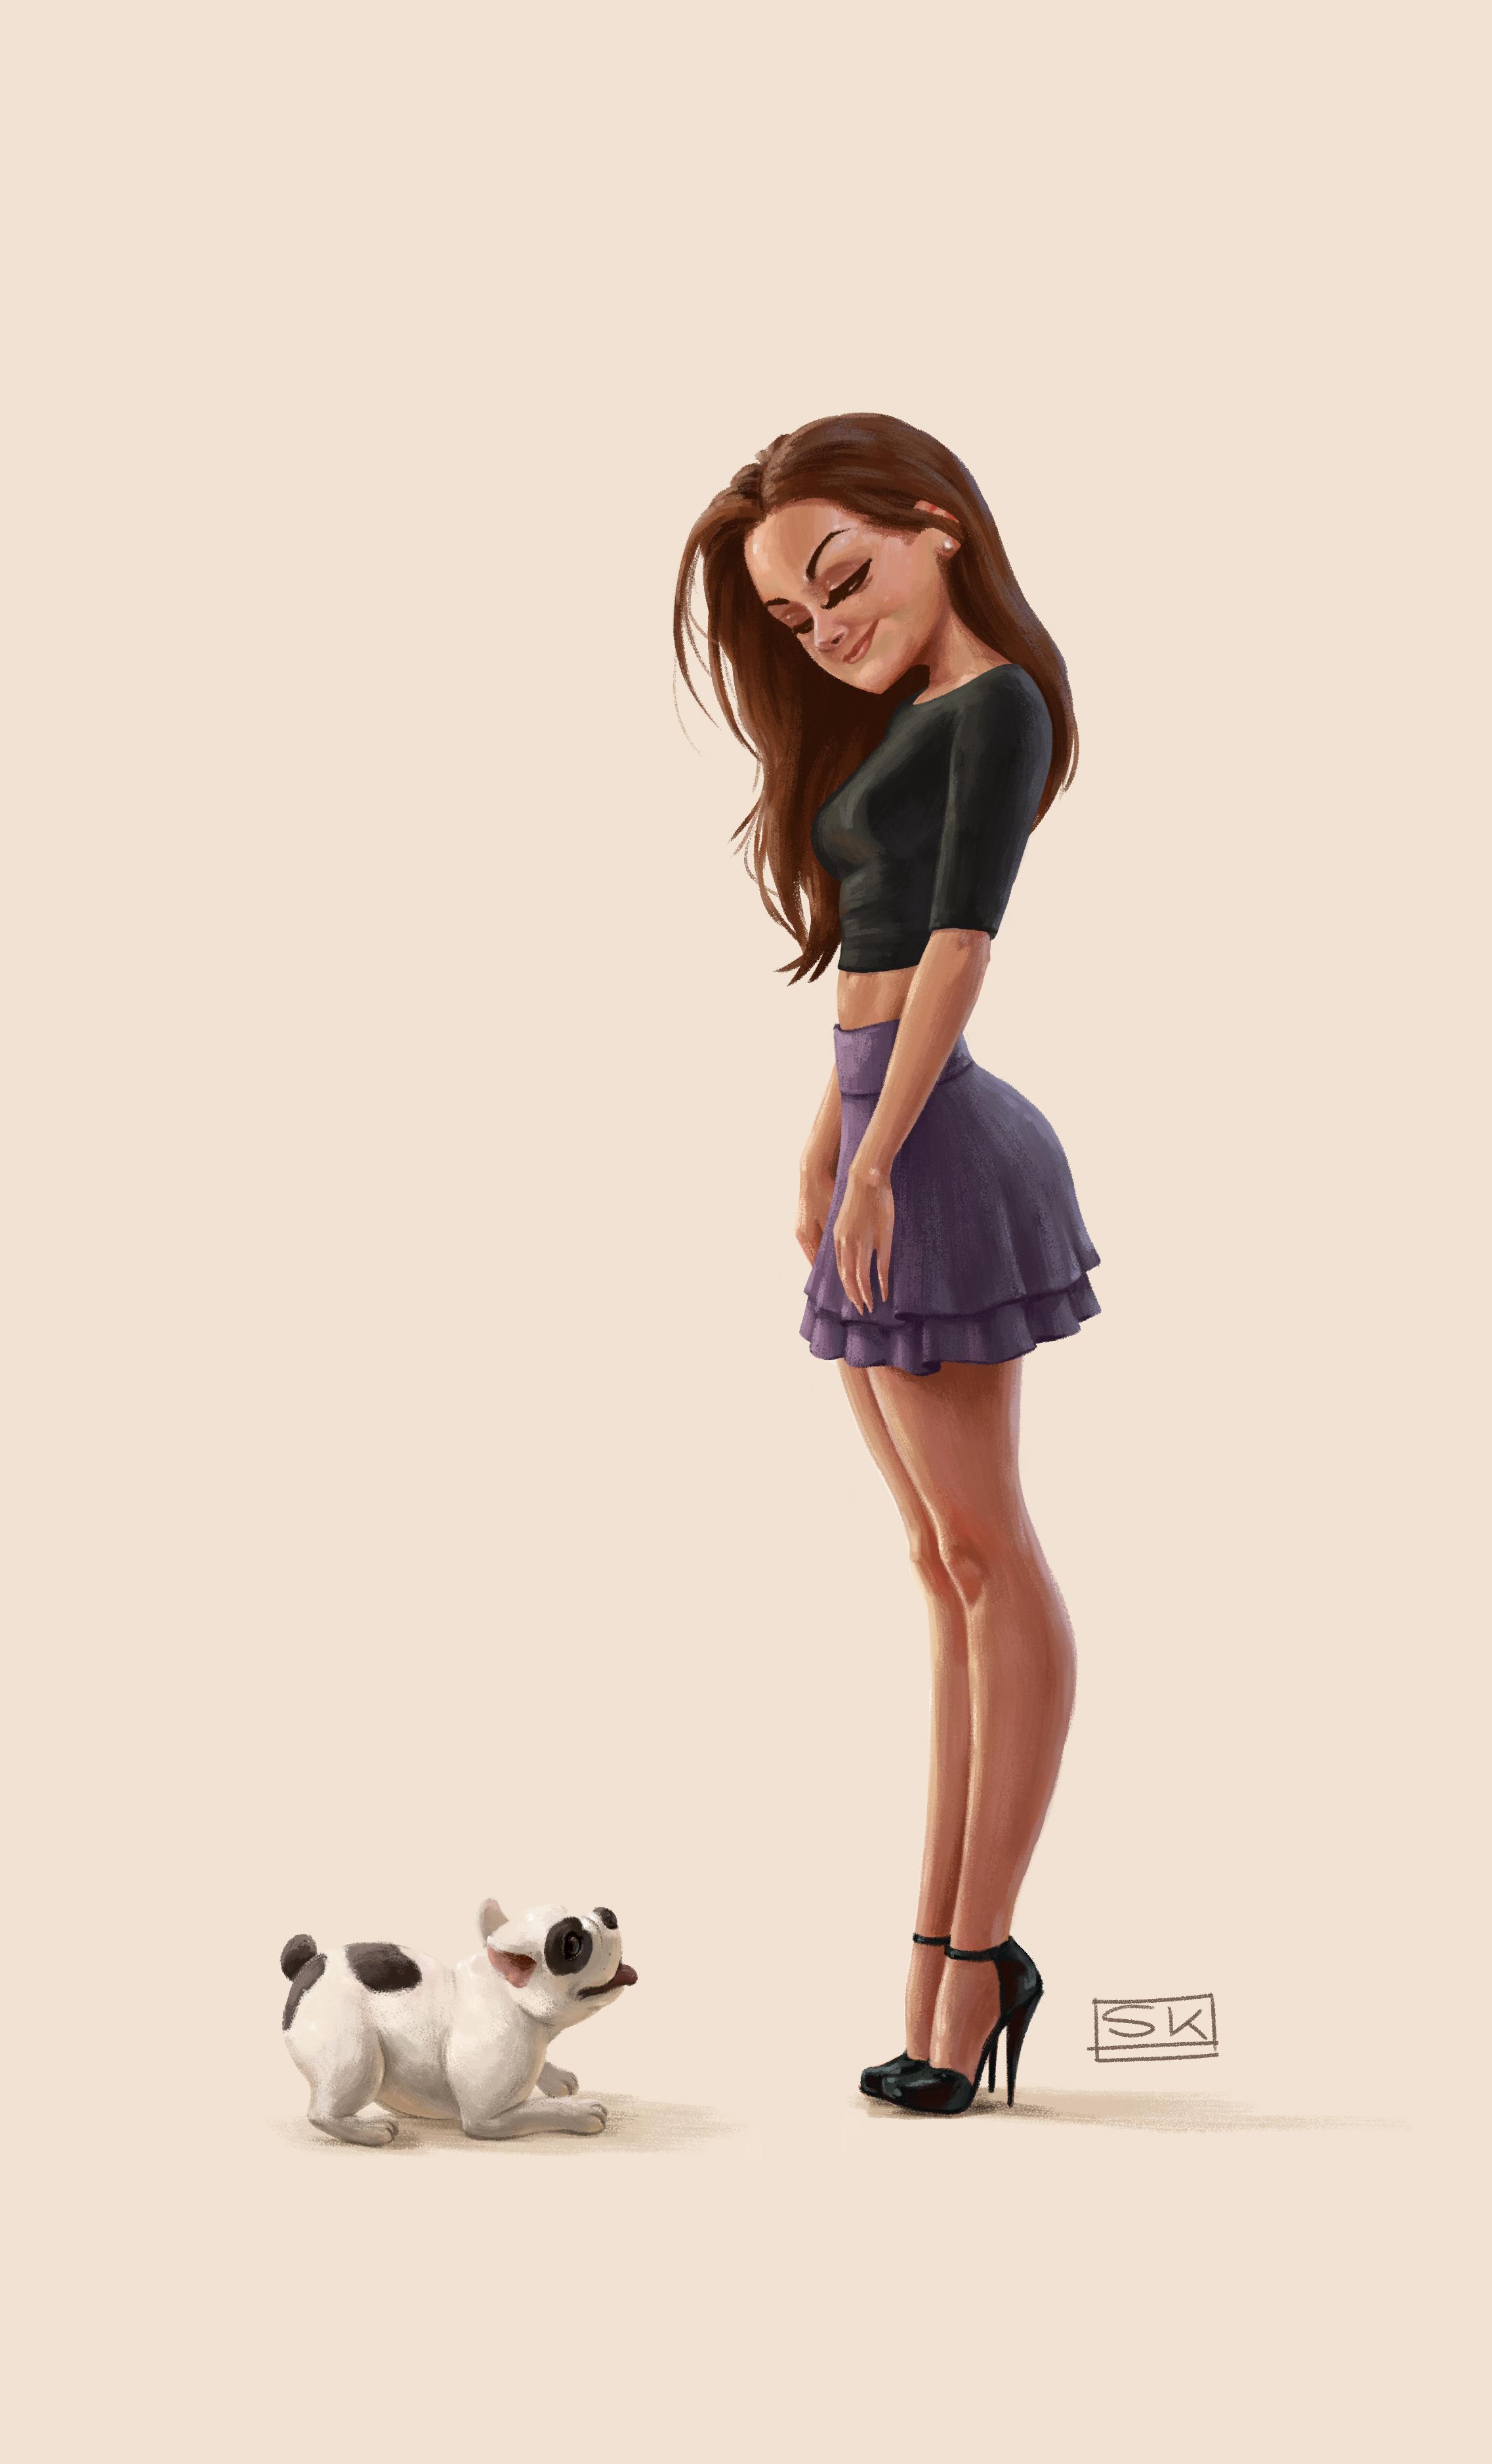 GirlAndBulldog_120314.jpg